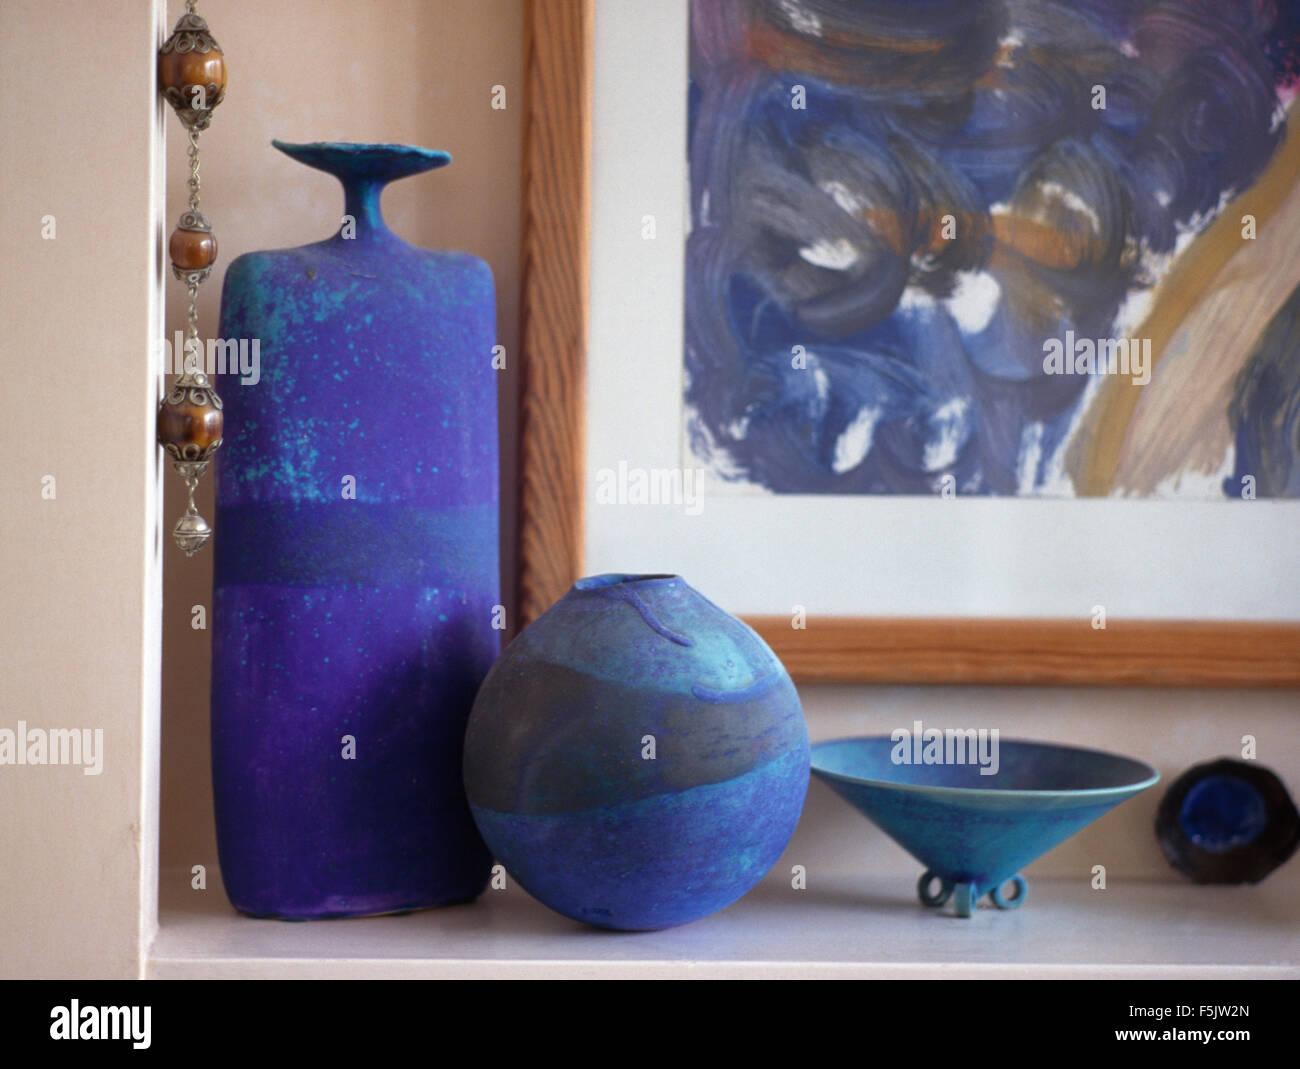 Close-up of three bright blue ceramic vases - Stock Image